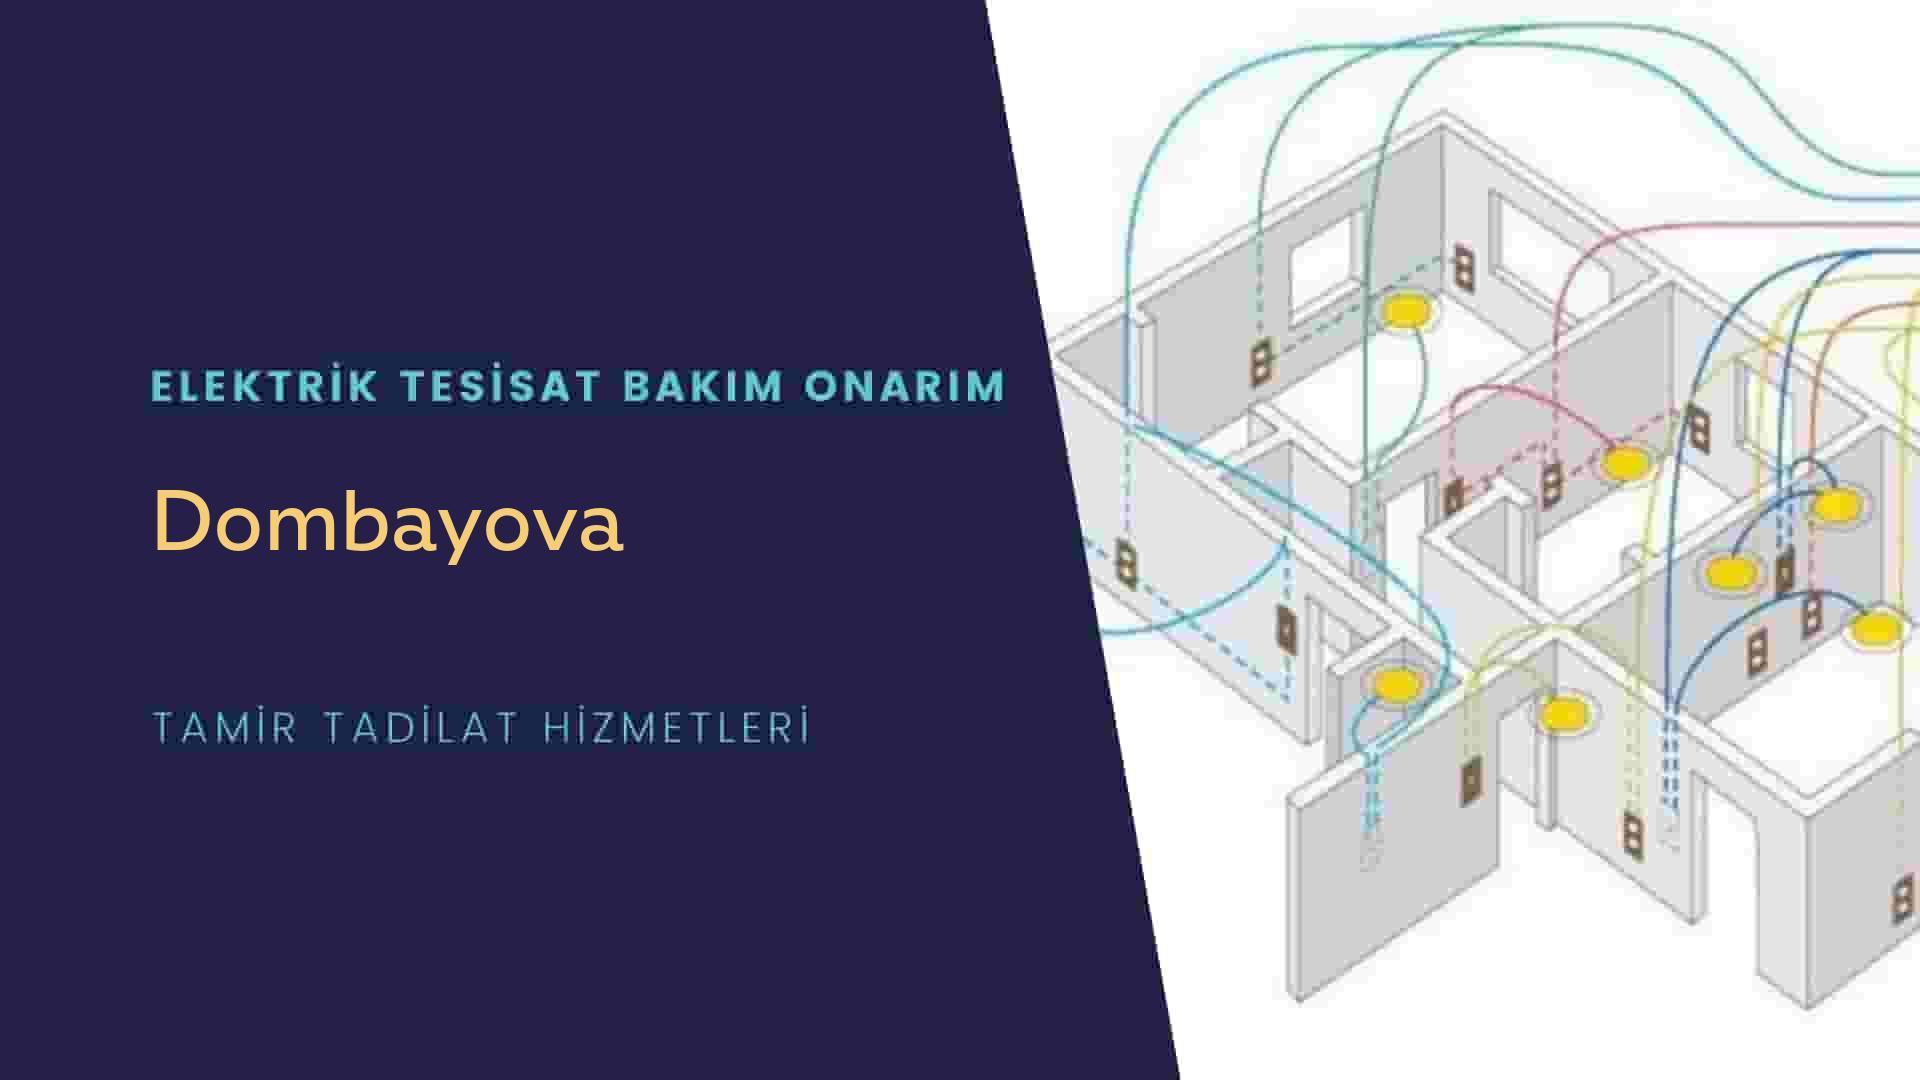 Dombayova'da elektrik tesisatıustalarımı arıyorsunuz doğru adrestenizi Dombayova elektrik tesisatı ustalarımız 7/24 sizlere hizmet vermekten mutluluk duyar.